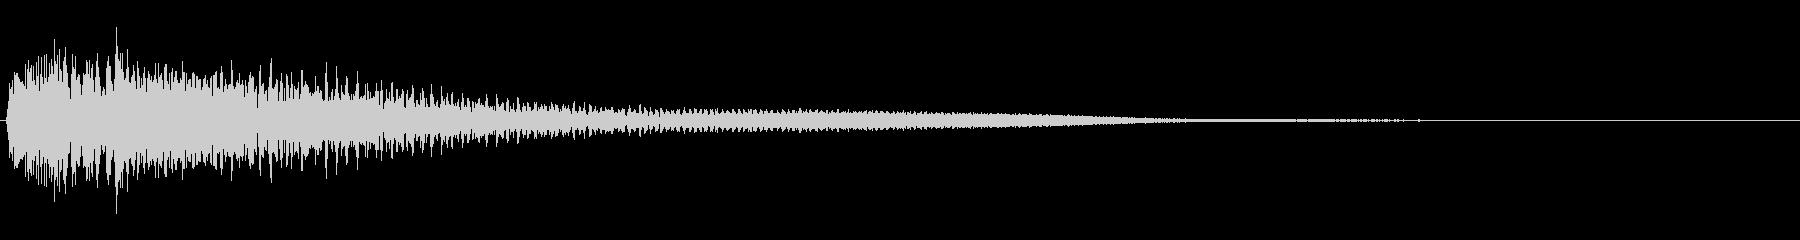 【生演奏】シンプルなピアノジングルの未再生の波形